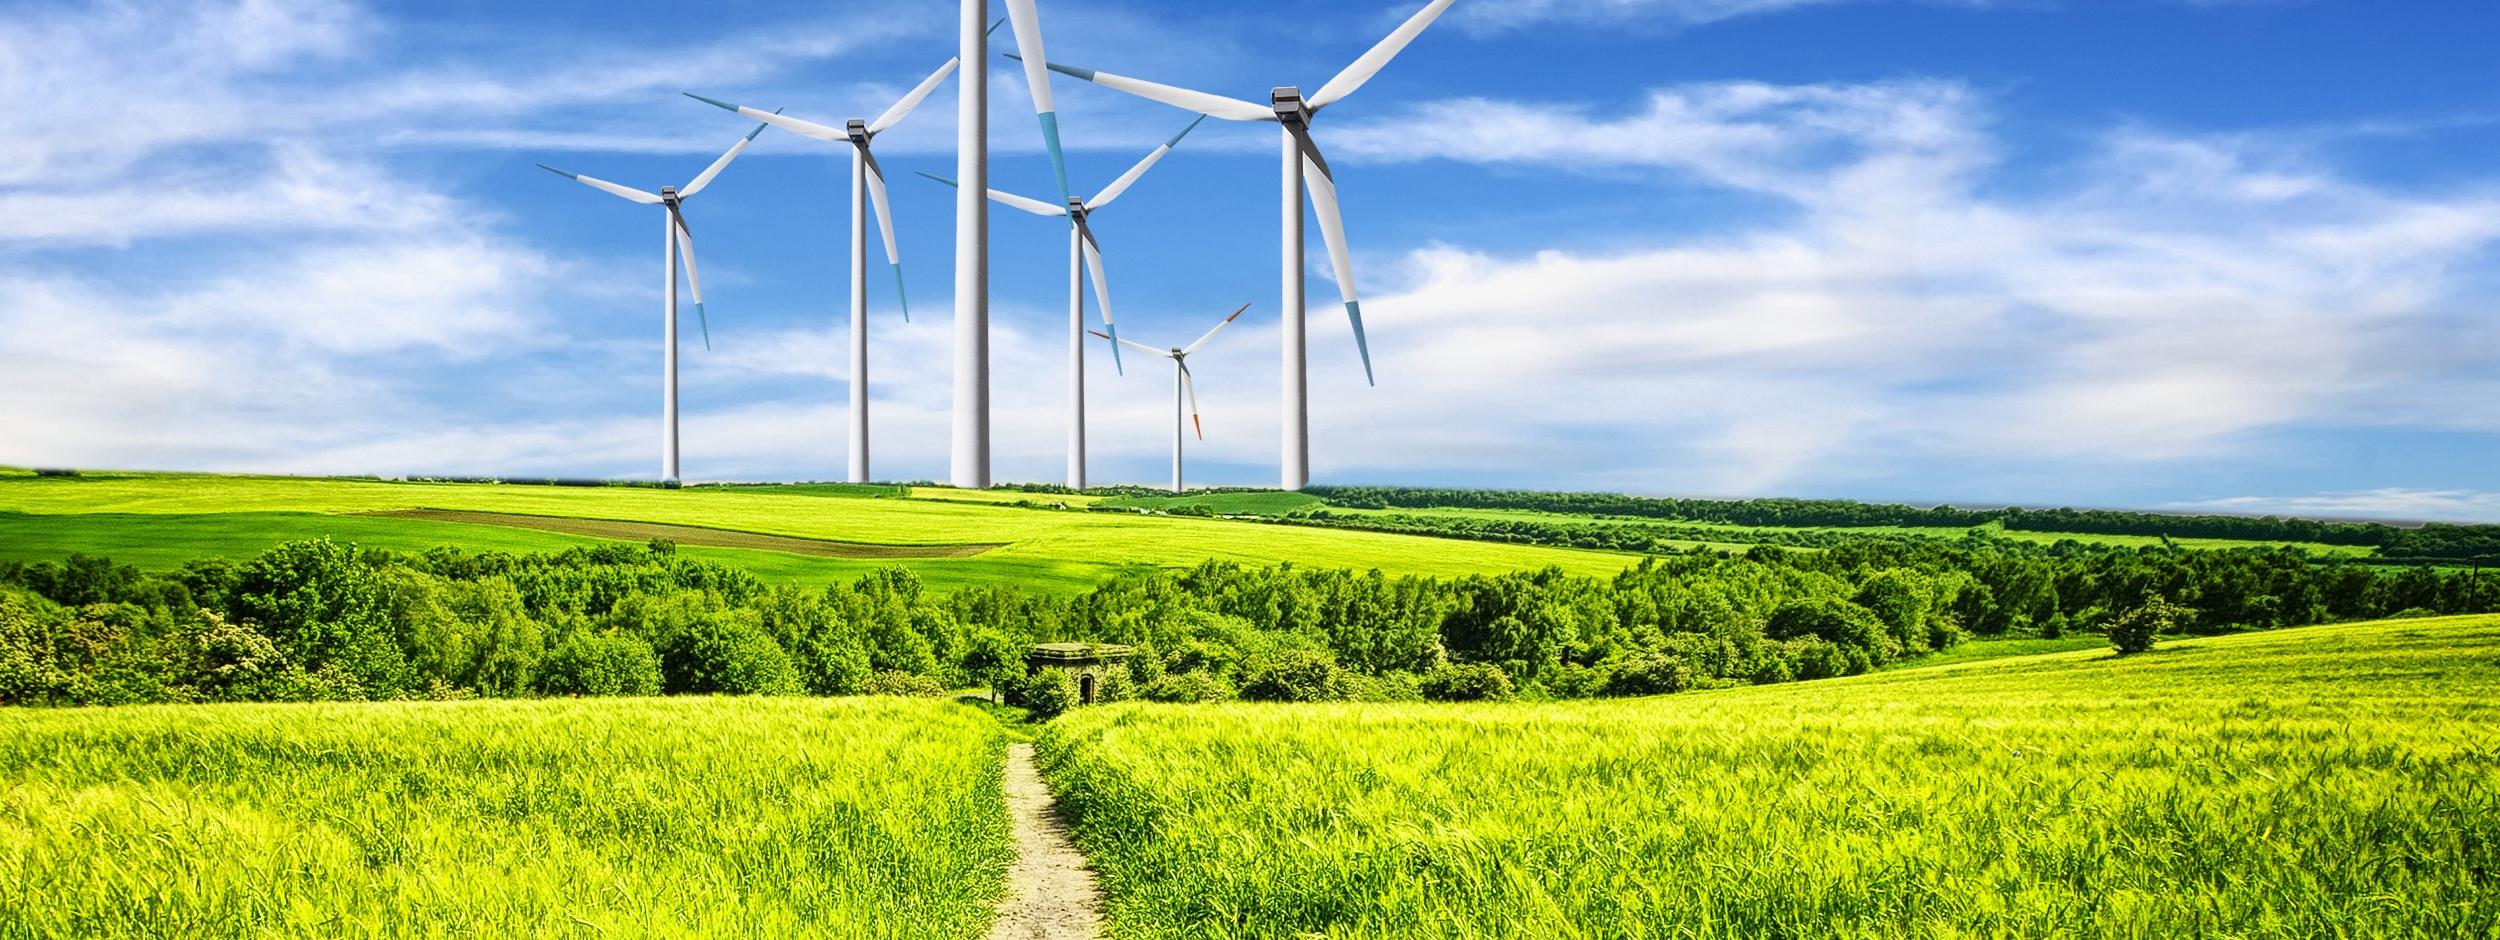 использование альтернативных источников энергии